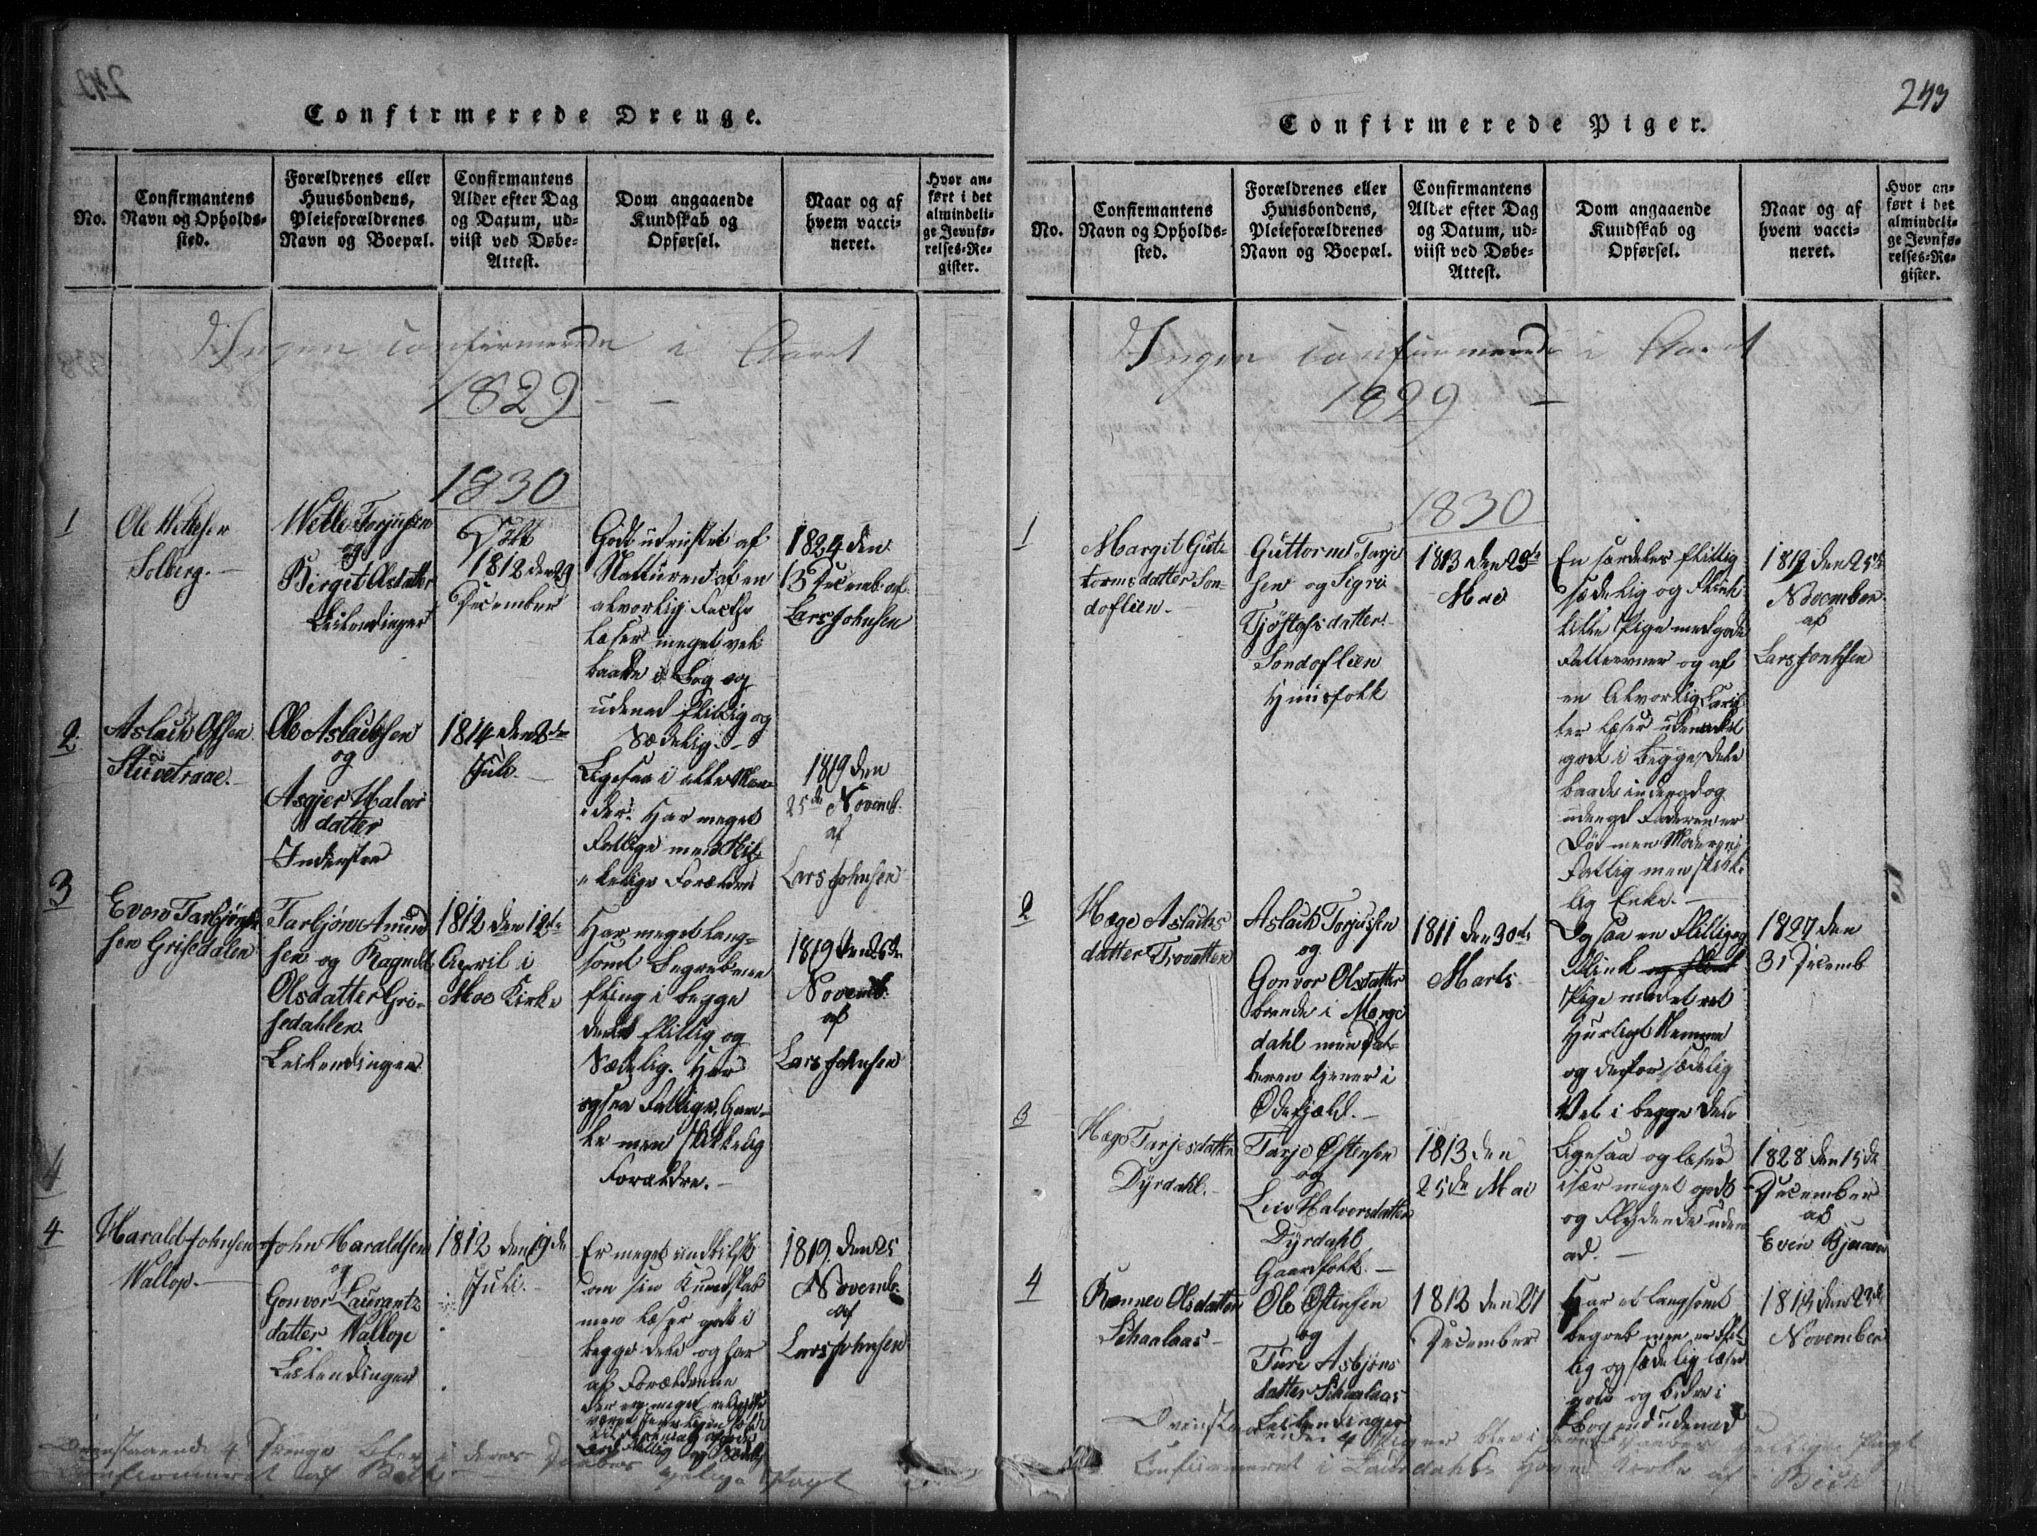 SAKO, Rauland kirkebøker, G/Gb/L0001: Klokkerbok nr. II 1, 1815-1886, s. 243